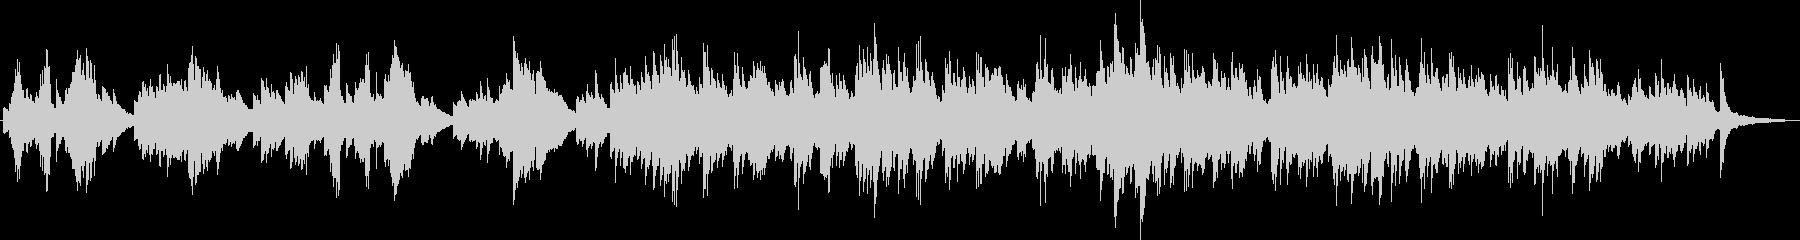 シンプルで優しいピアノソロ曲の未再生の波形